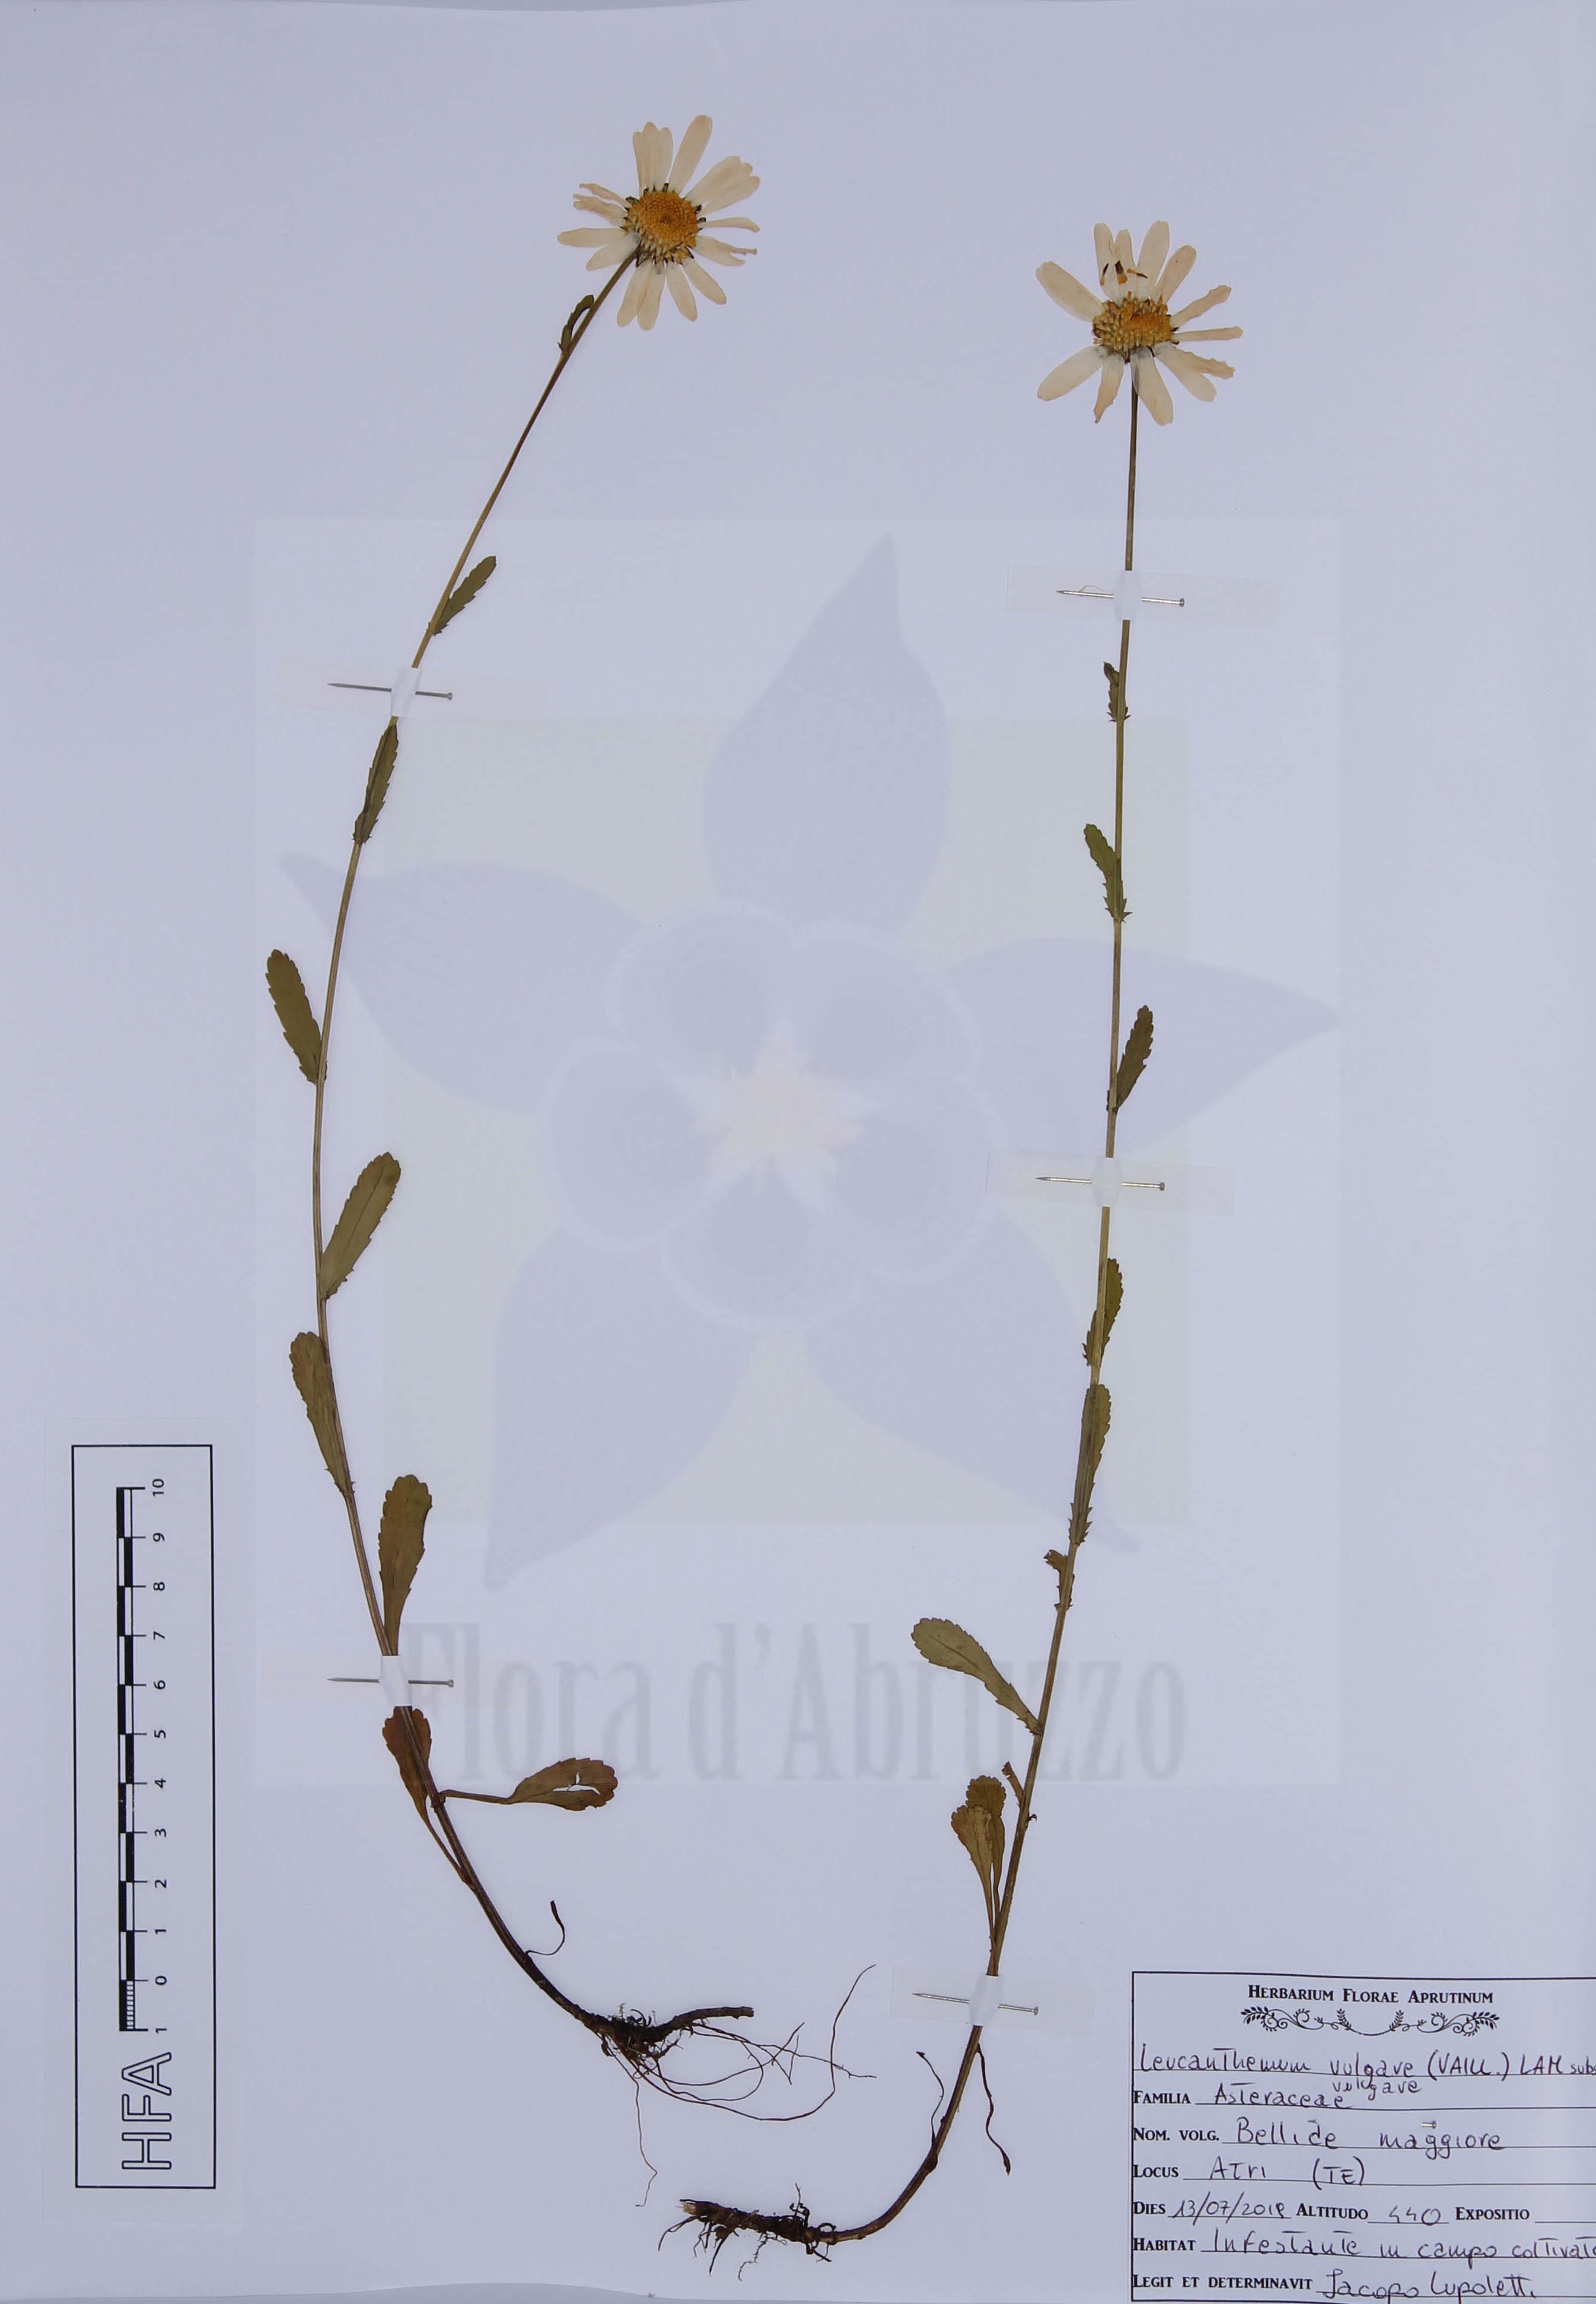 Leucanthemum vulgare(Vaill.) Lam.